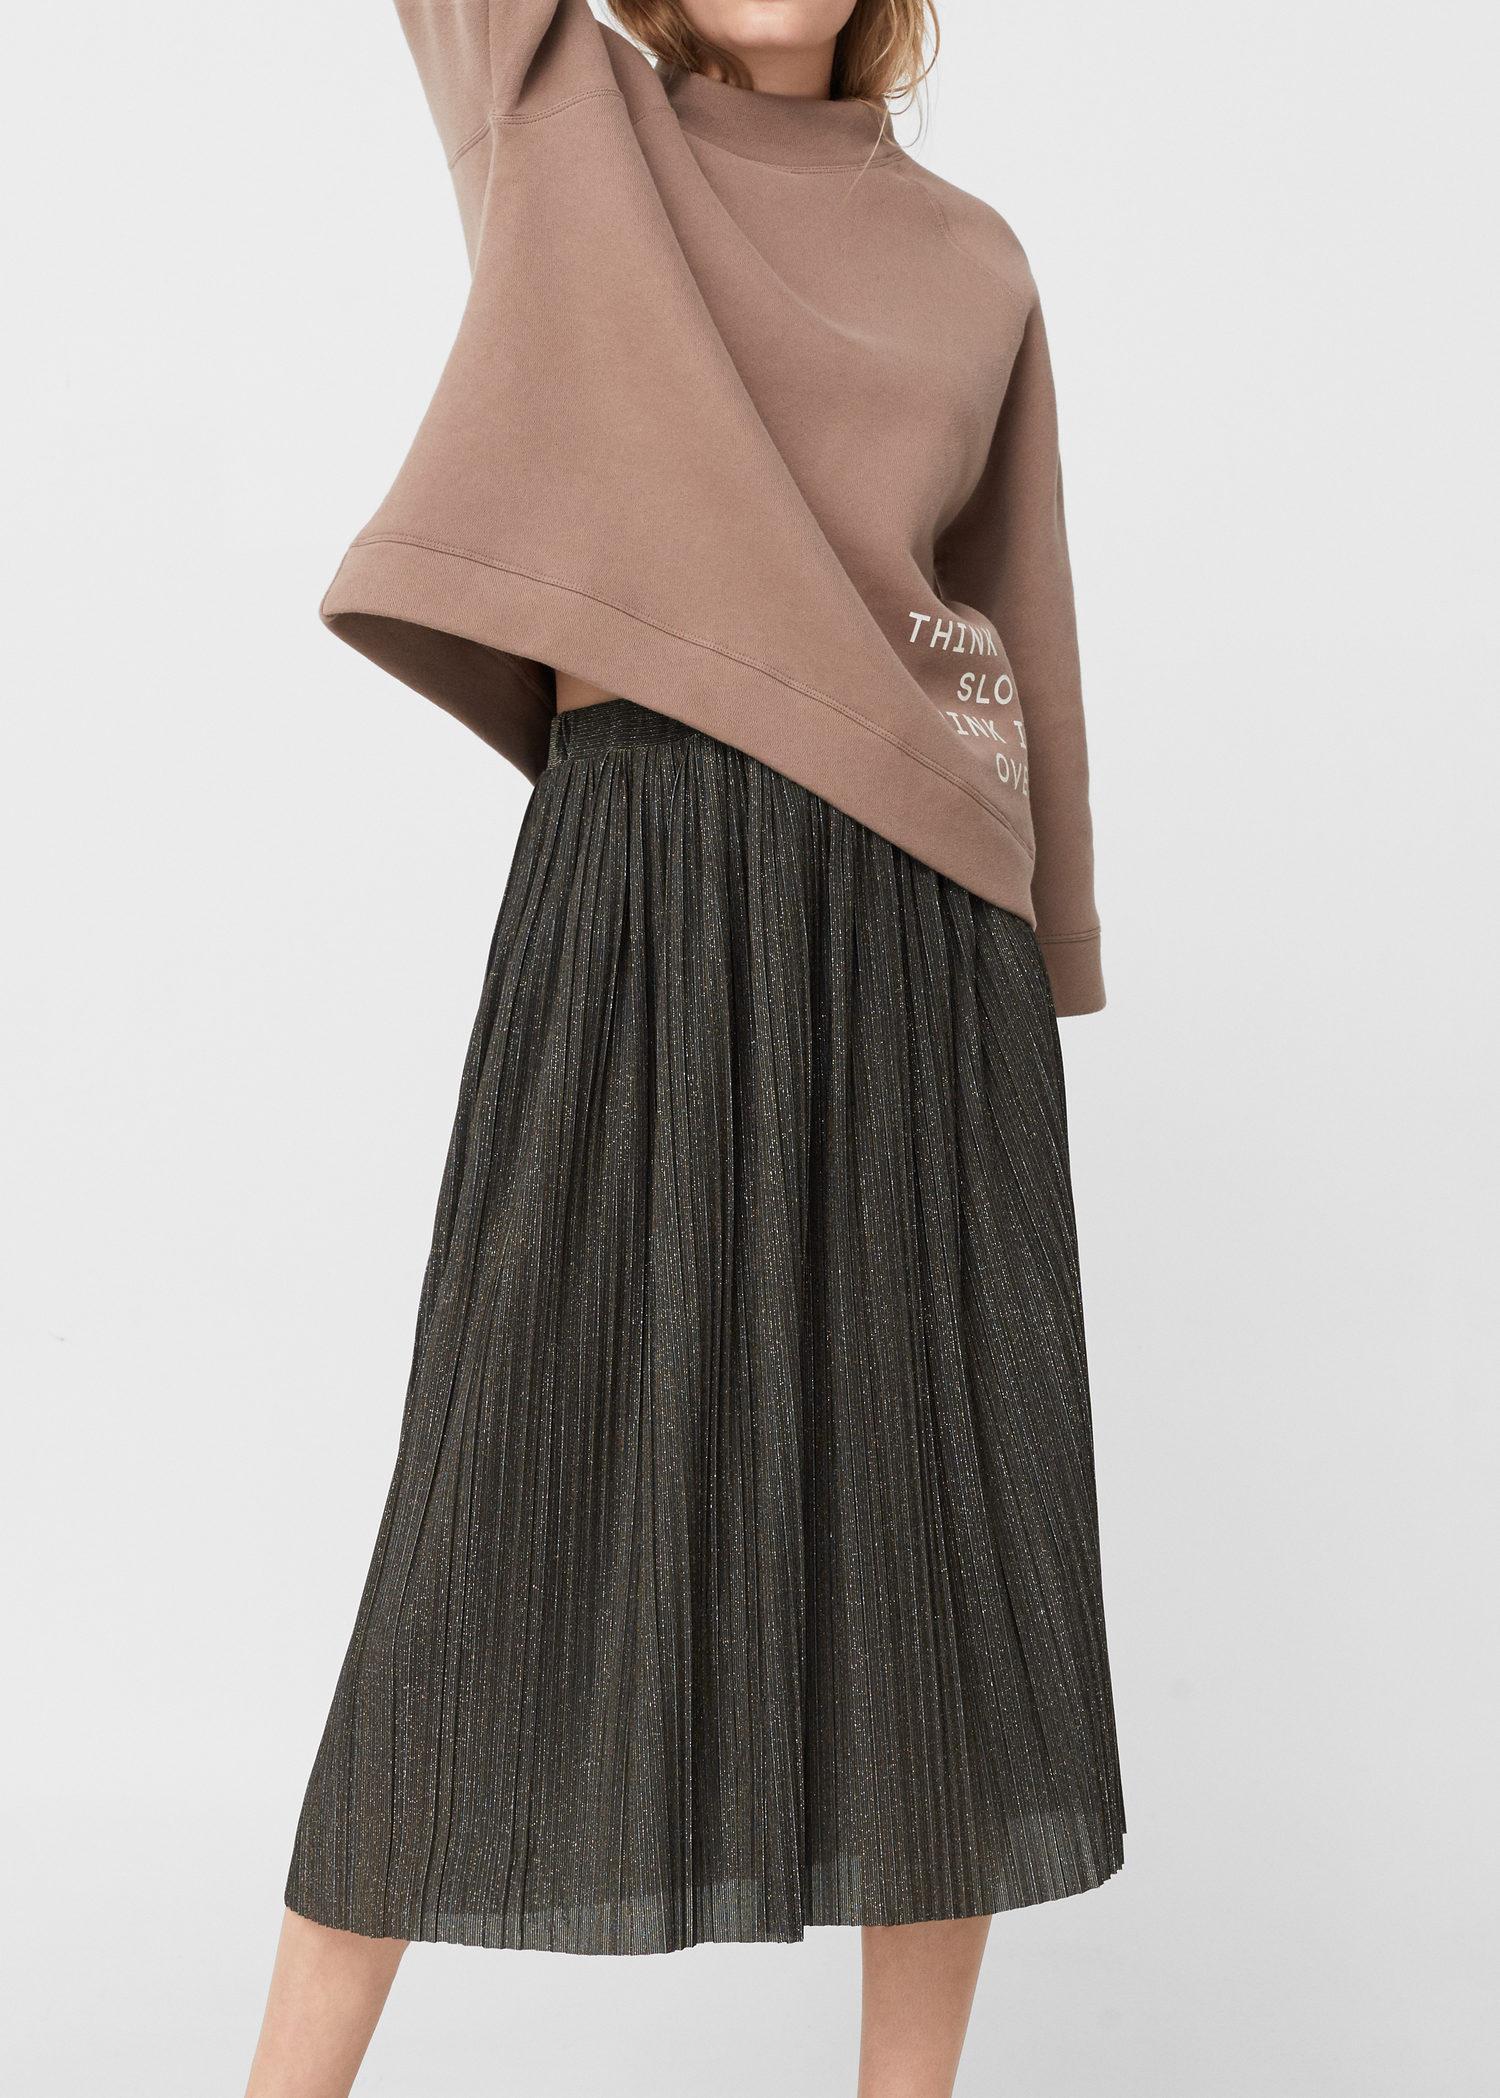 3d482050b Mango Pleated Midi Skirt in Metallic - Lyst